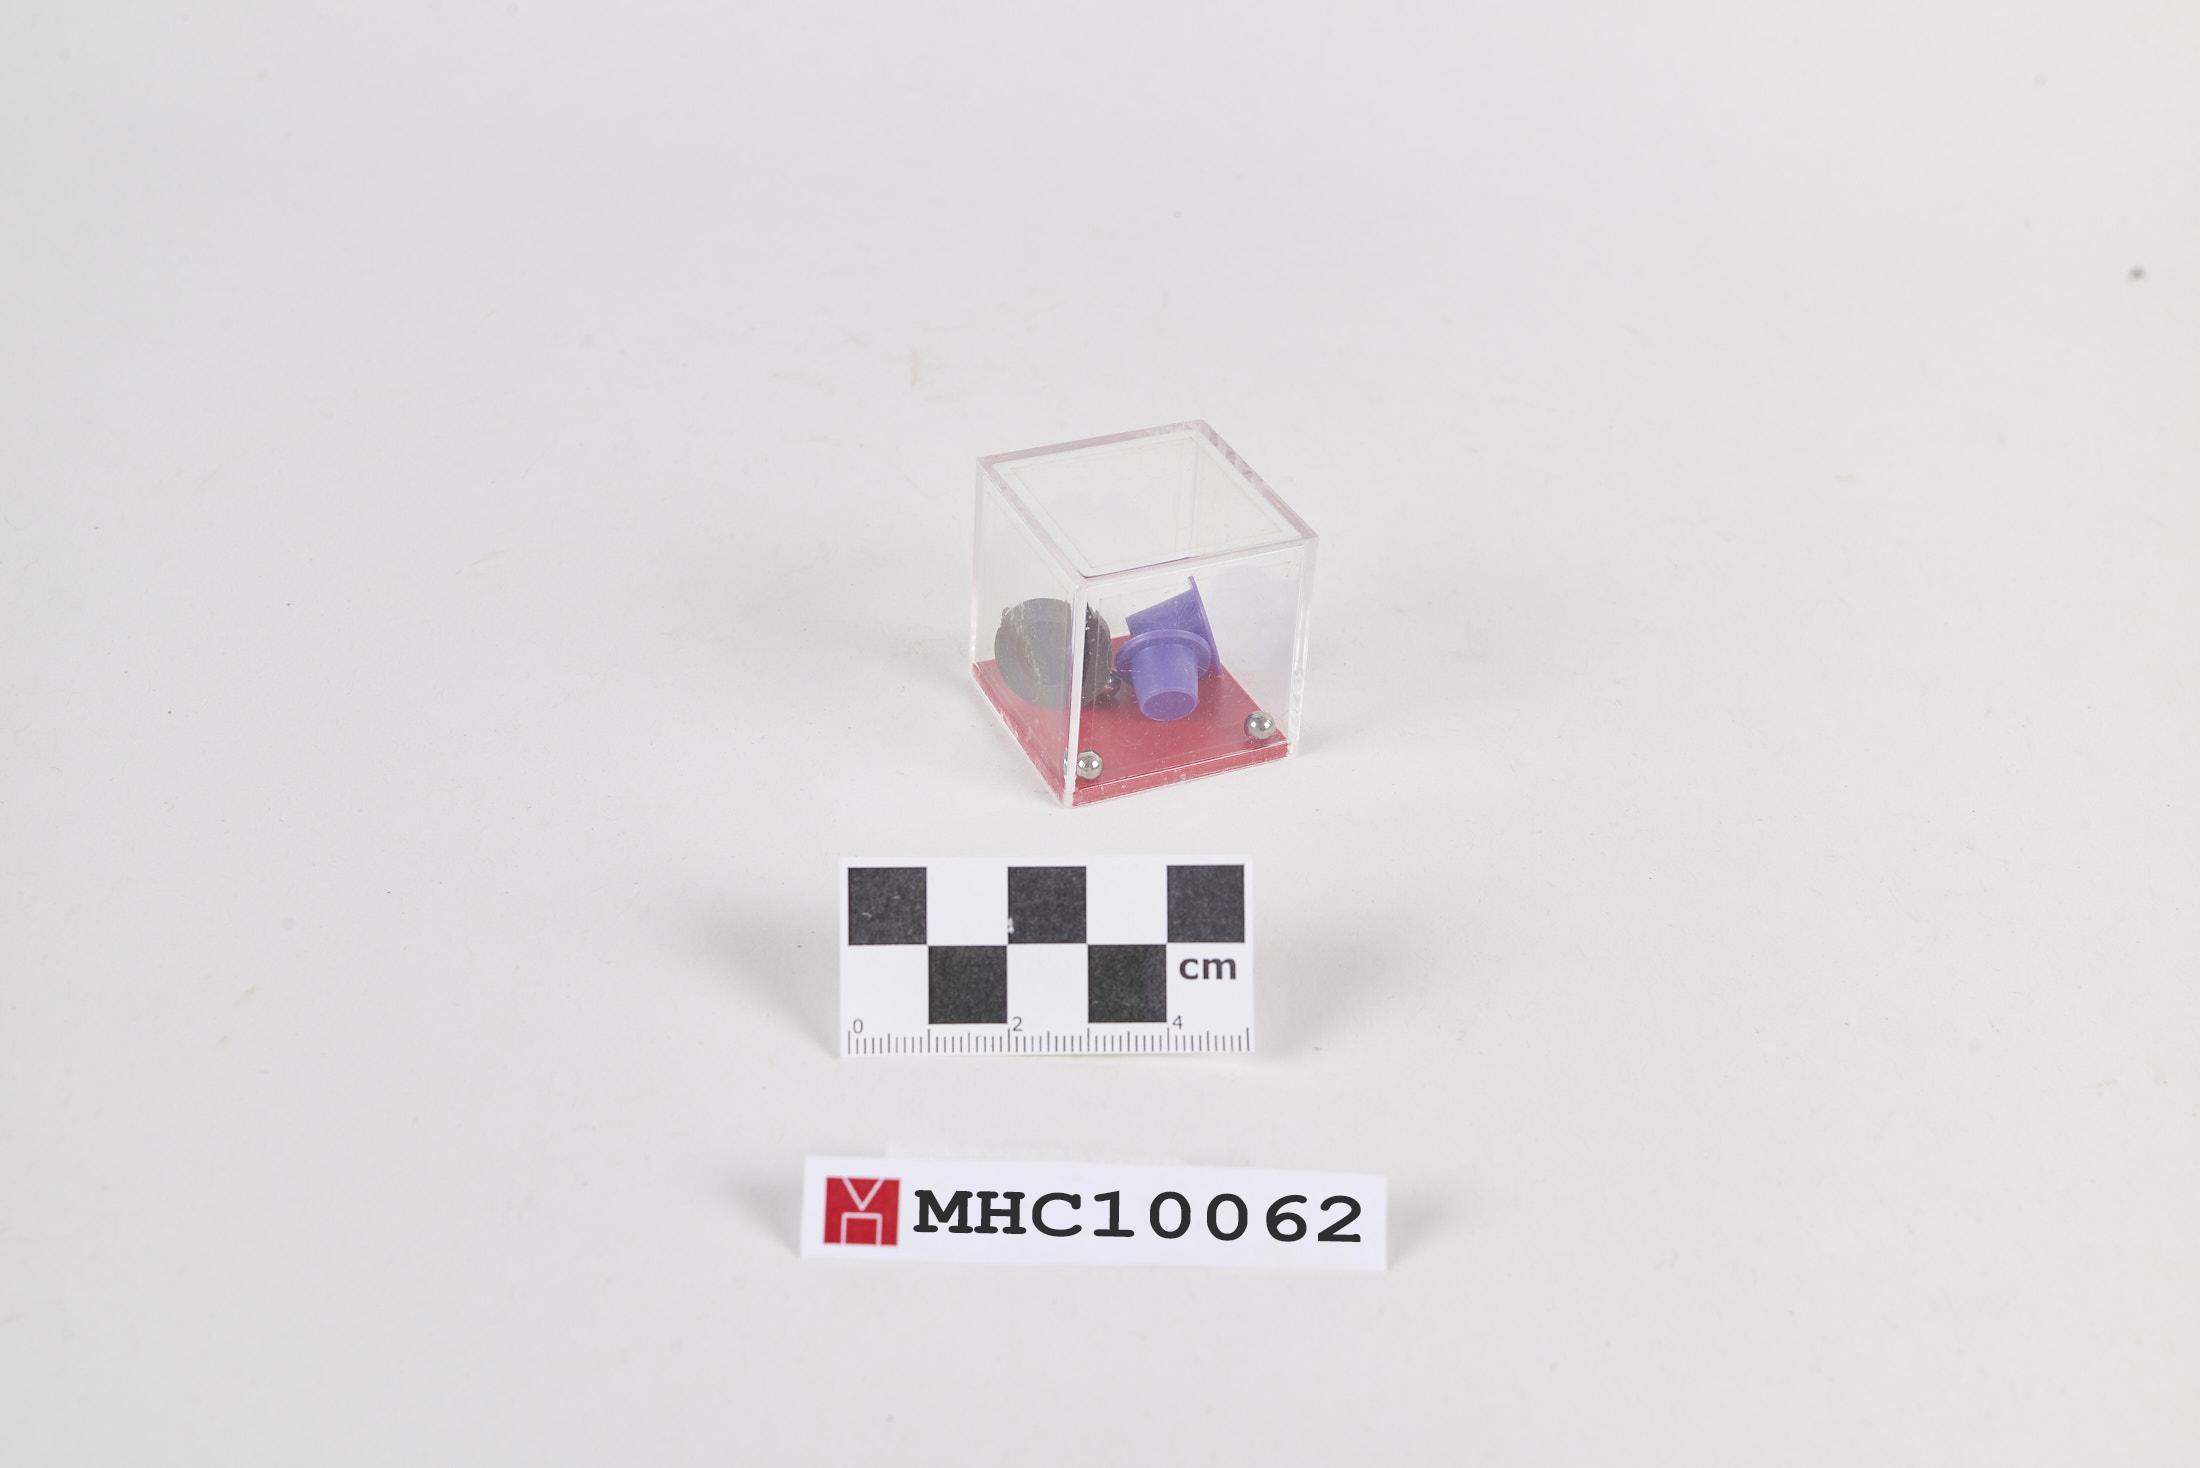 mhc10062